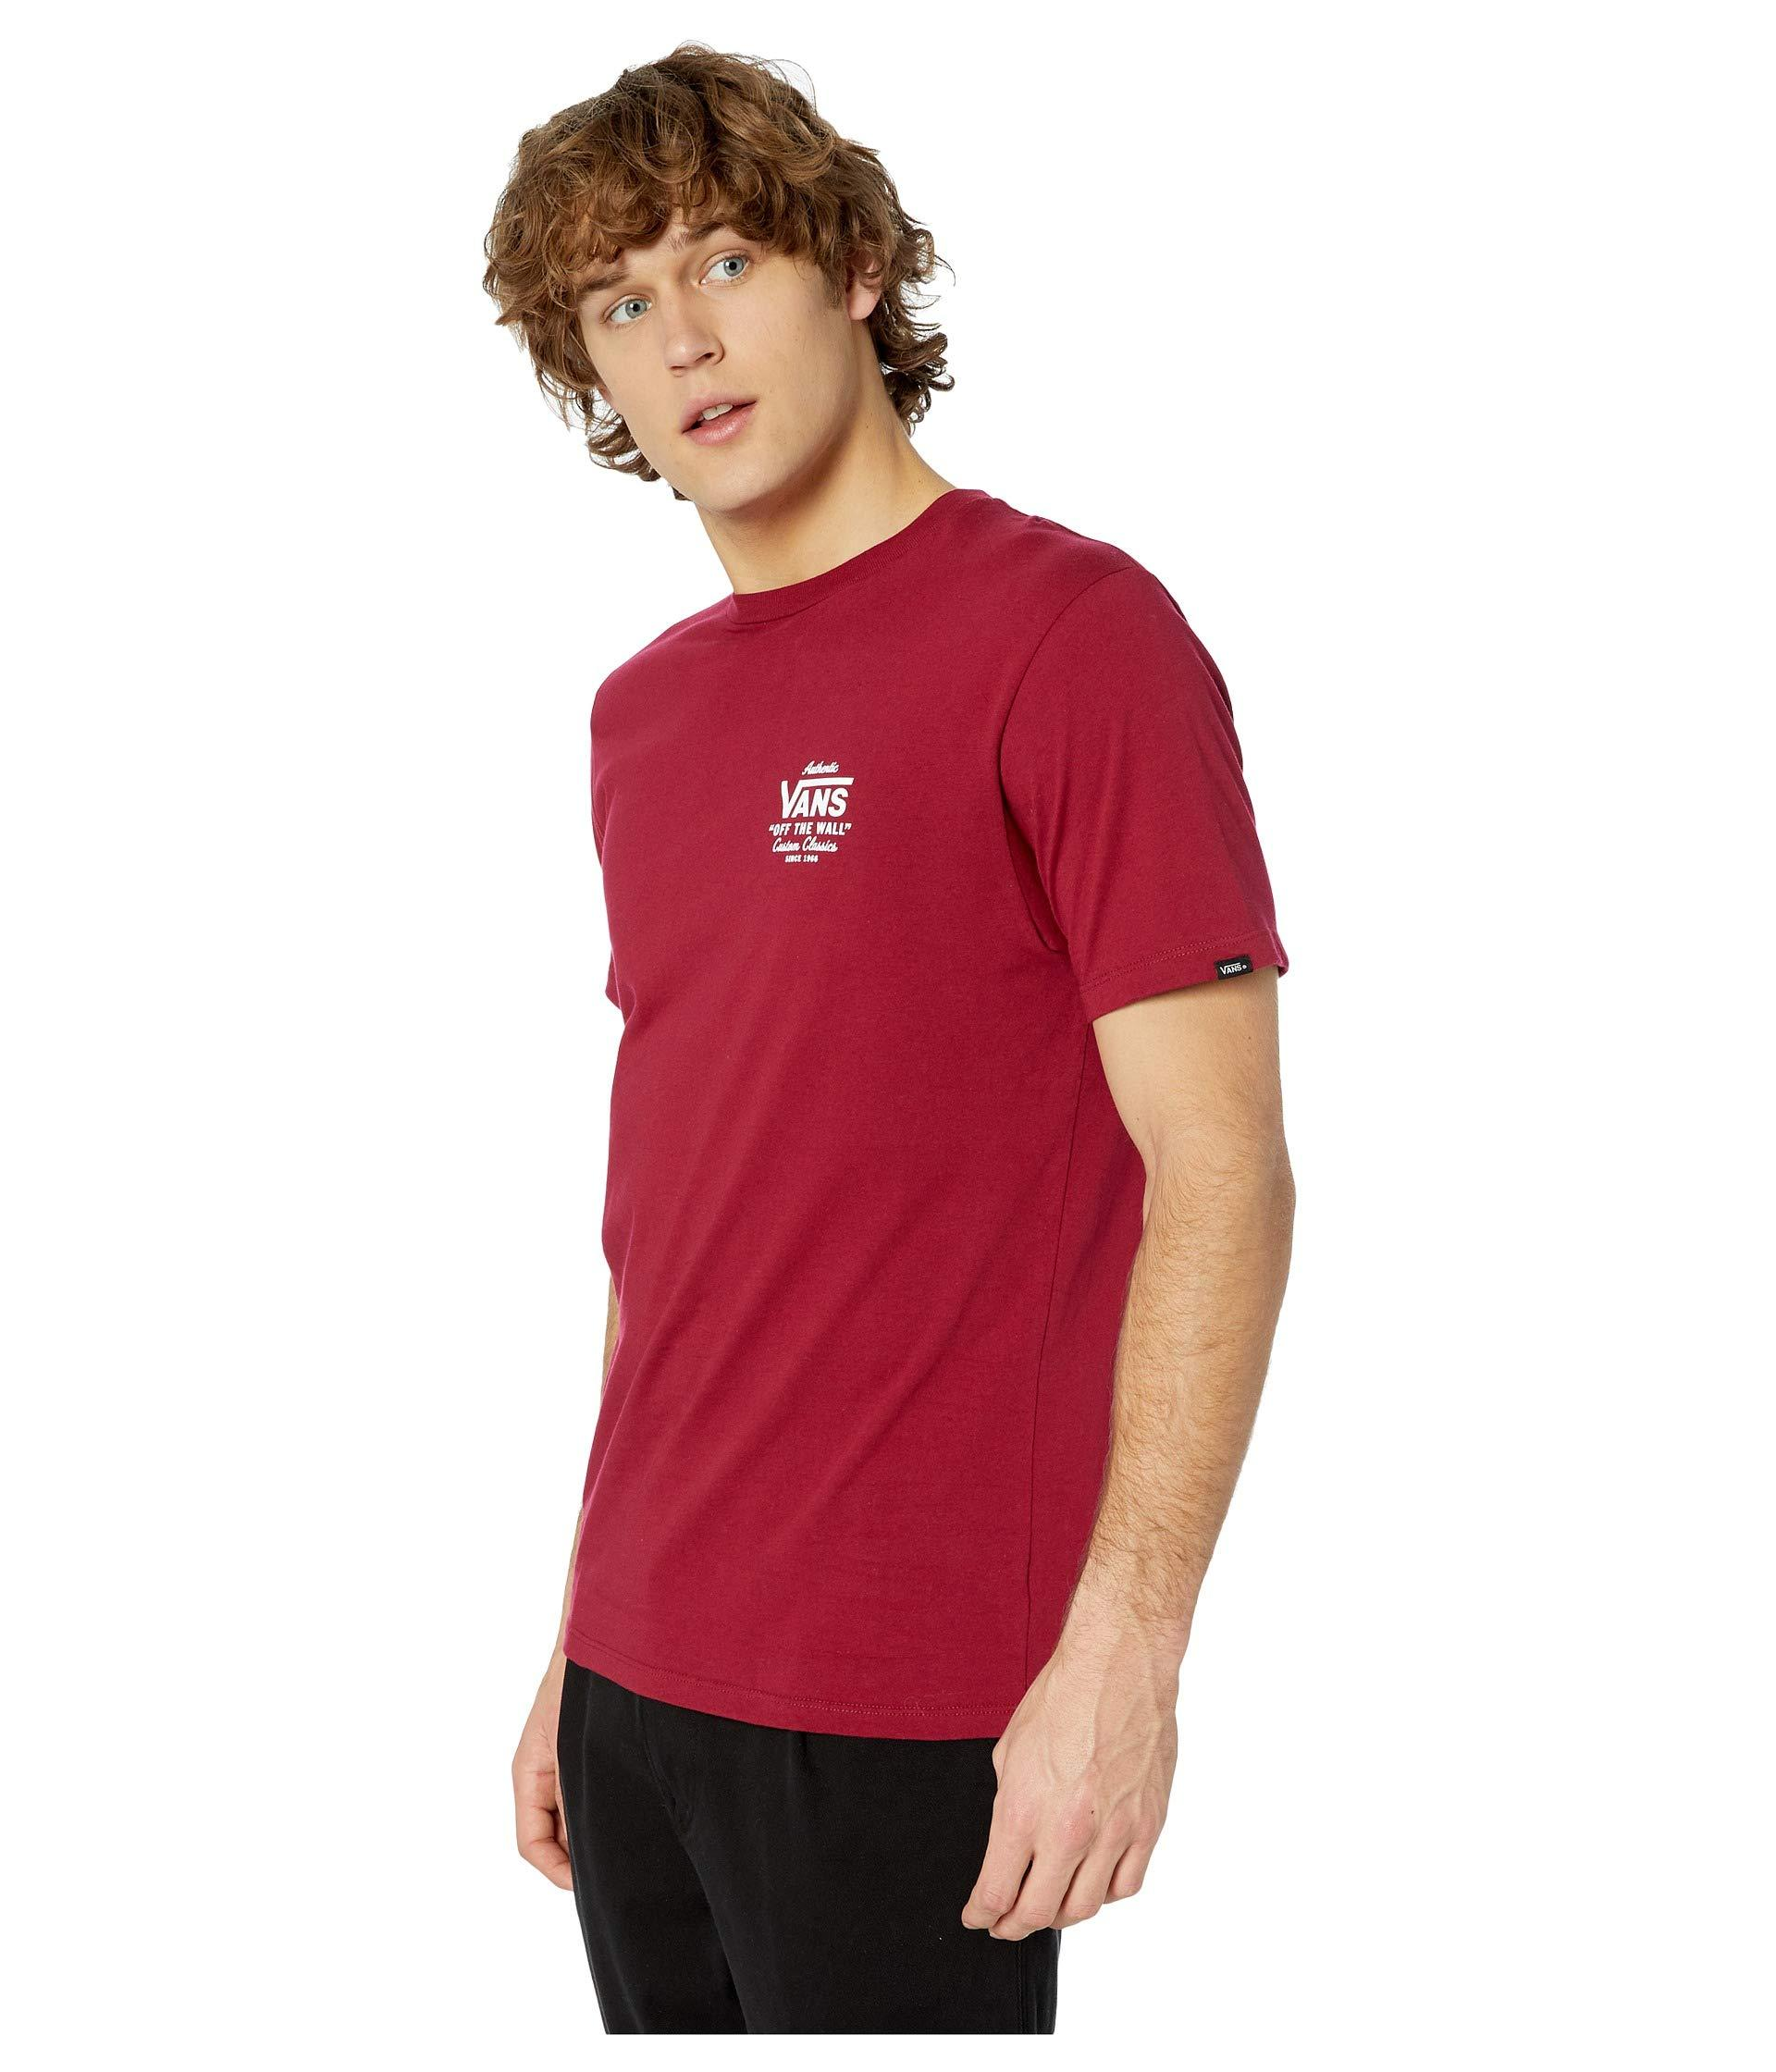 12eab5c80e Lyst - Vans Holder Street Ii Tee (rhumba Red white) Men s T Shirt in Red  for Men